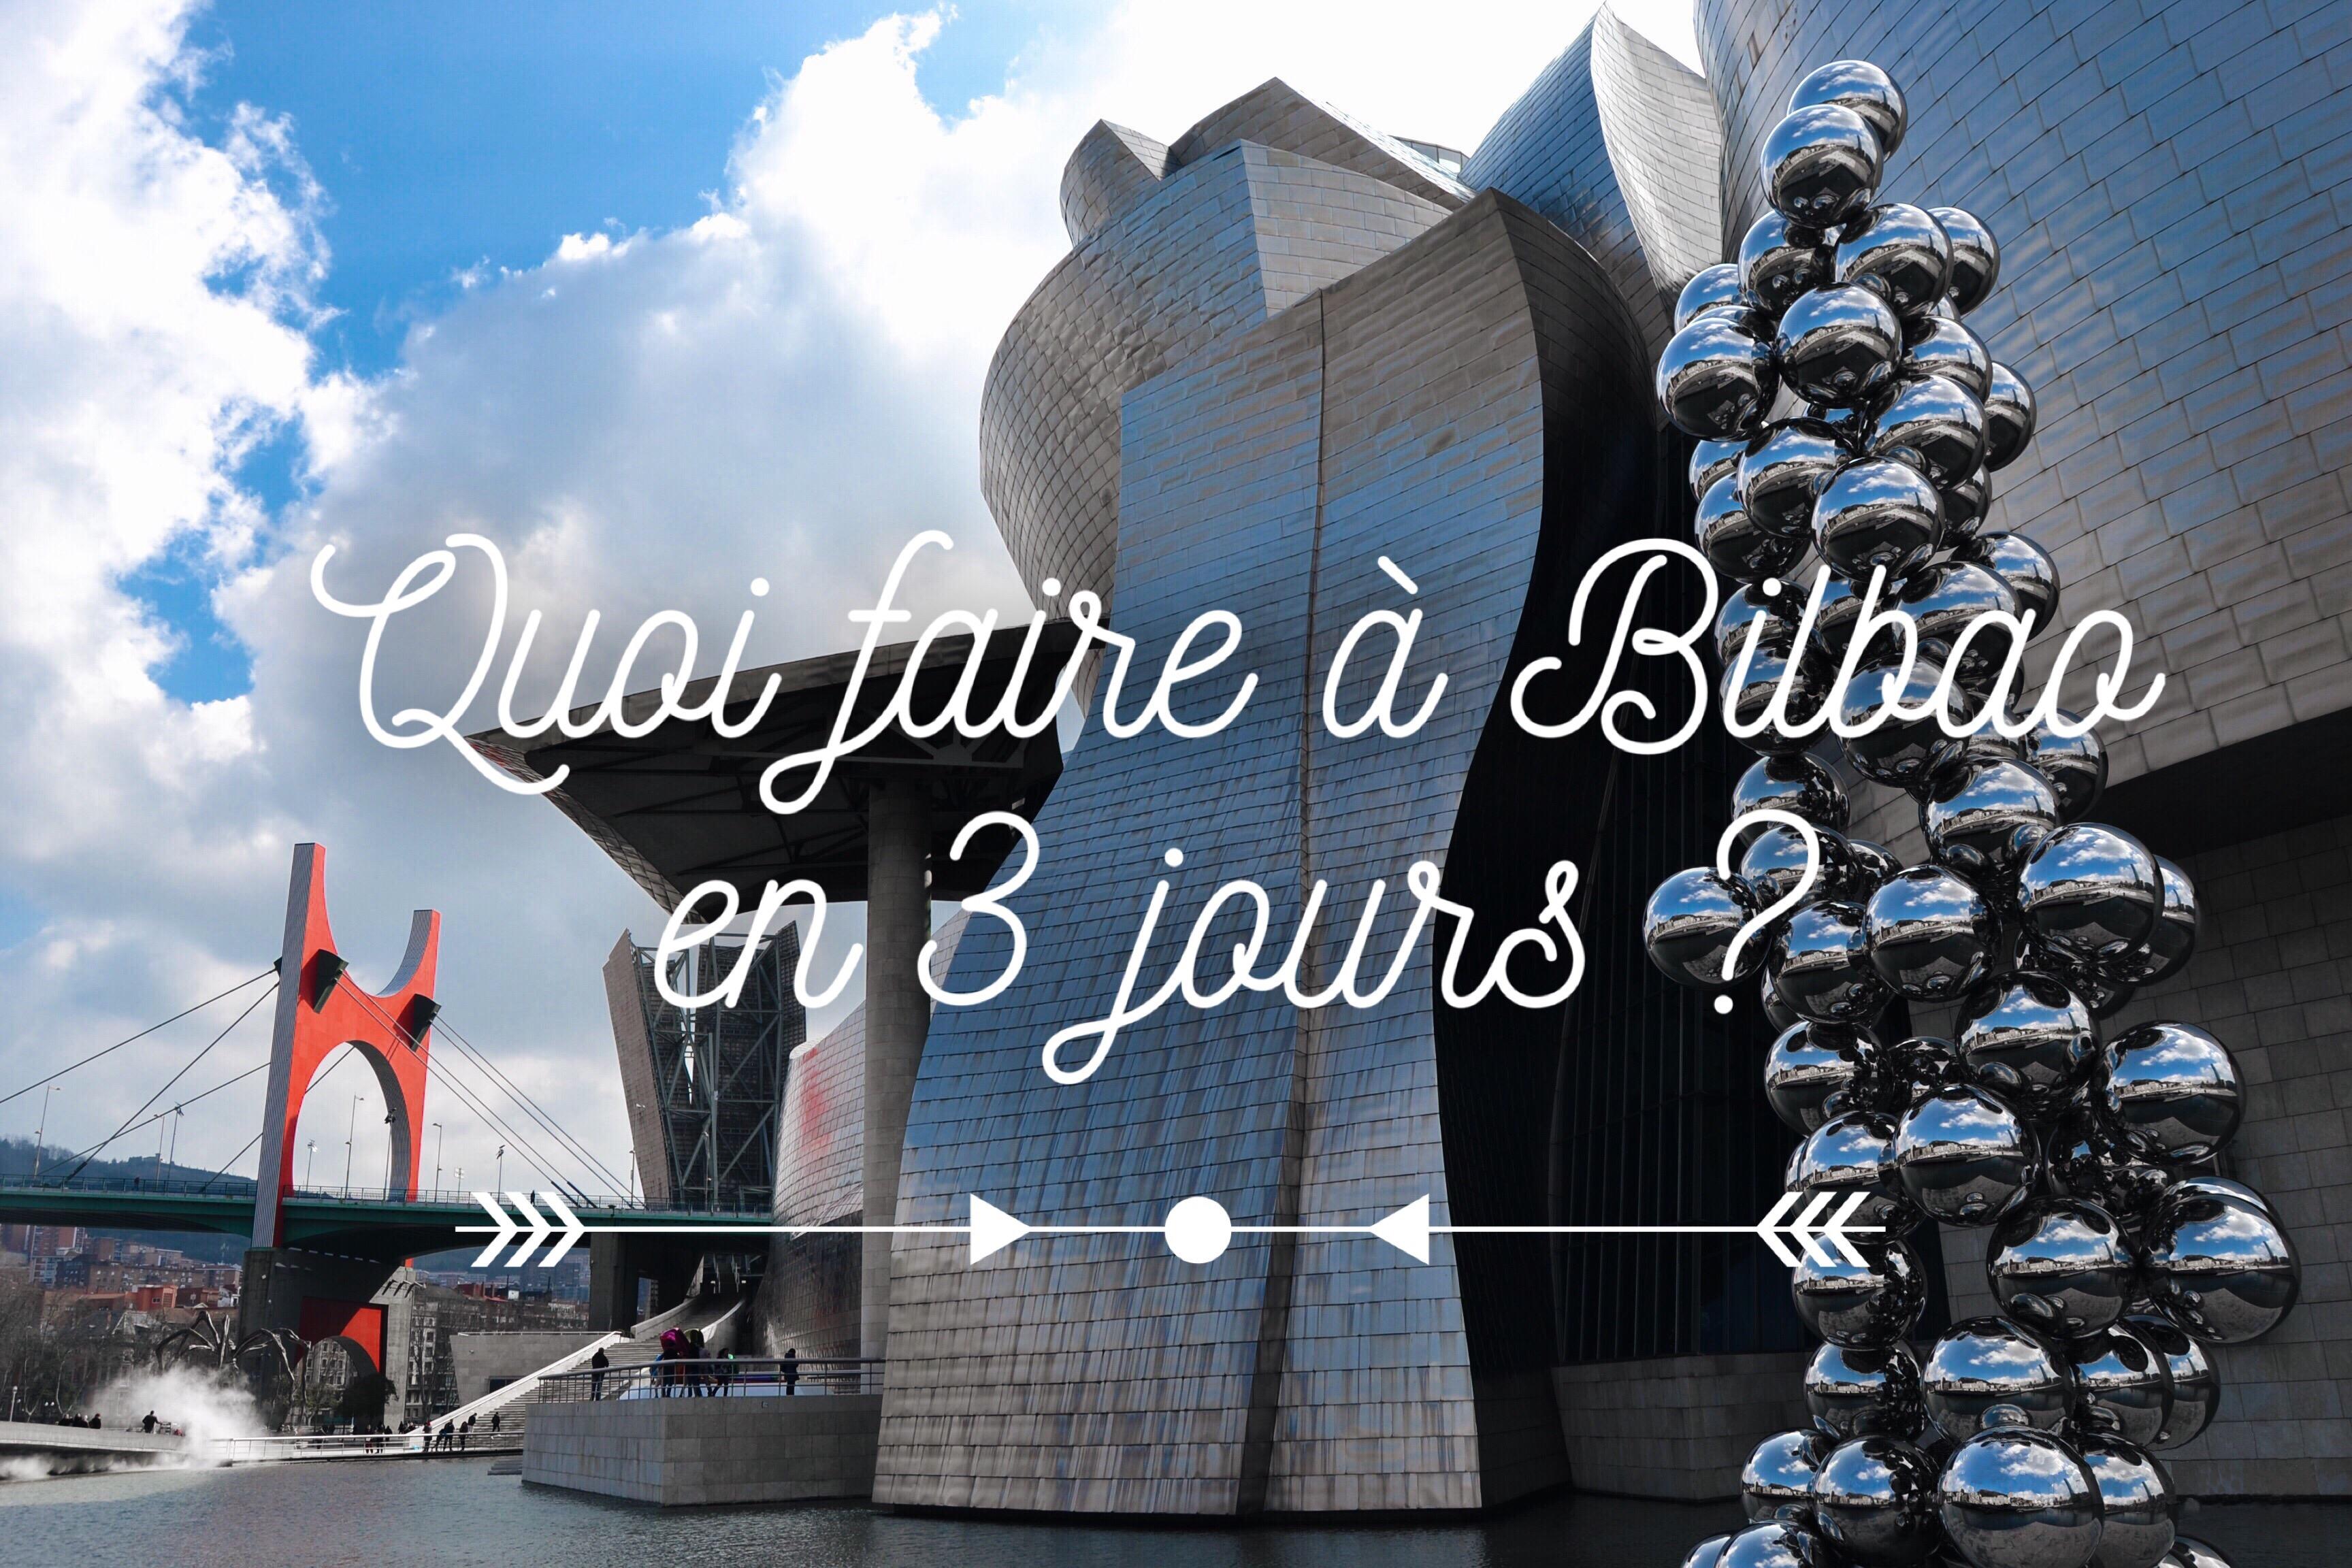 Quoi faire à Bilbao en 3 jours Guggenheim Bilbao quoi voir à Bilbao quoi faire à Bilbao Bilbao en 3 jours blog voyage les p'tits touristes